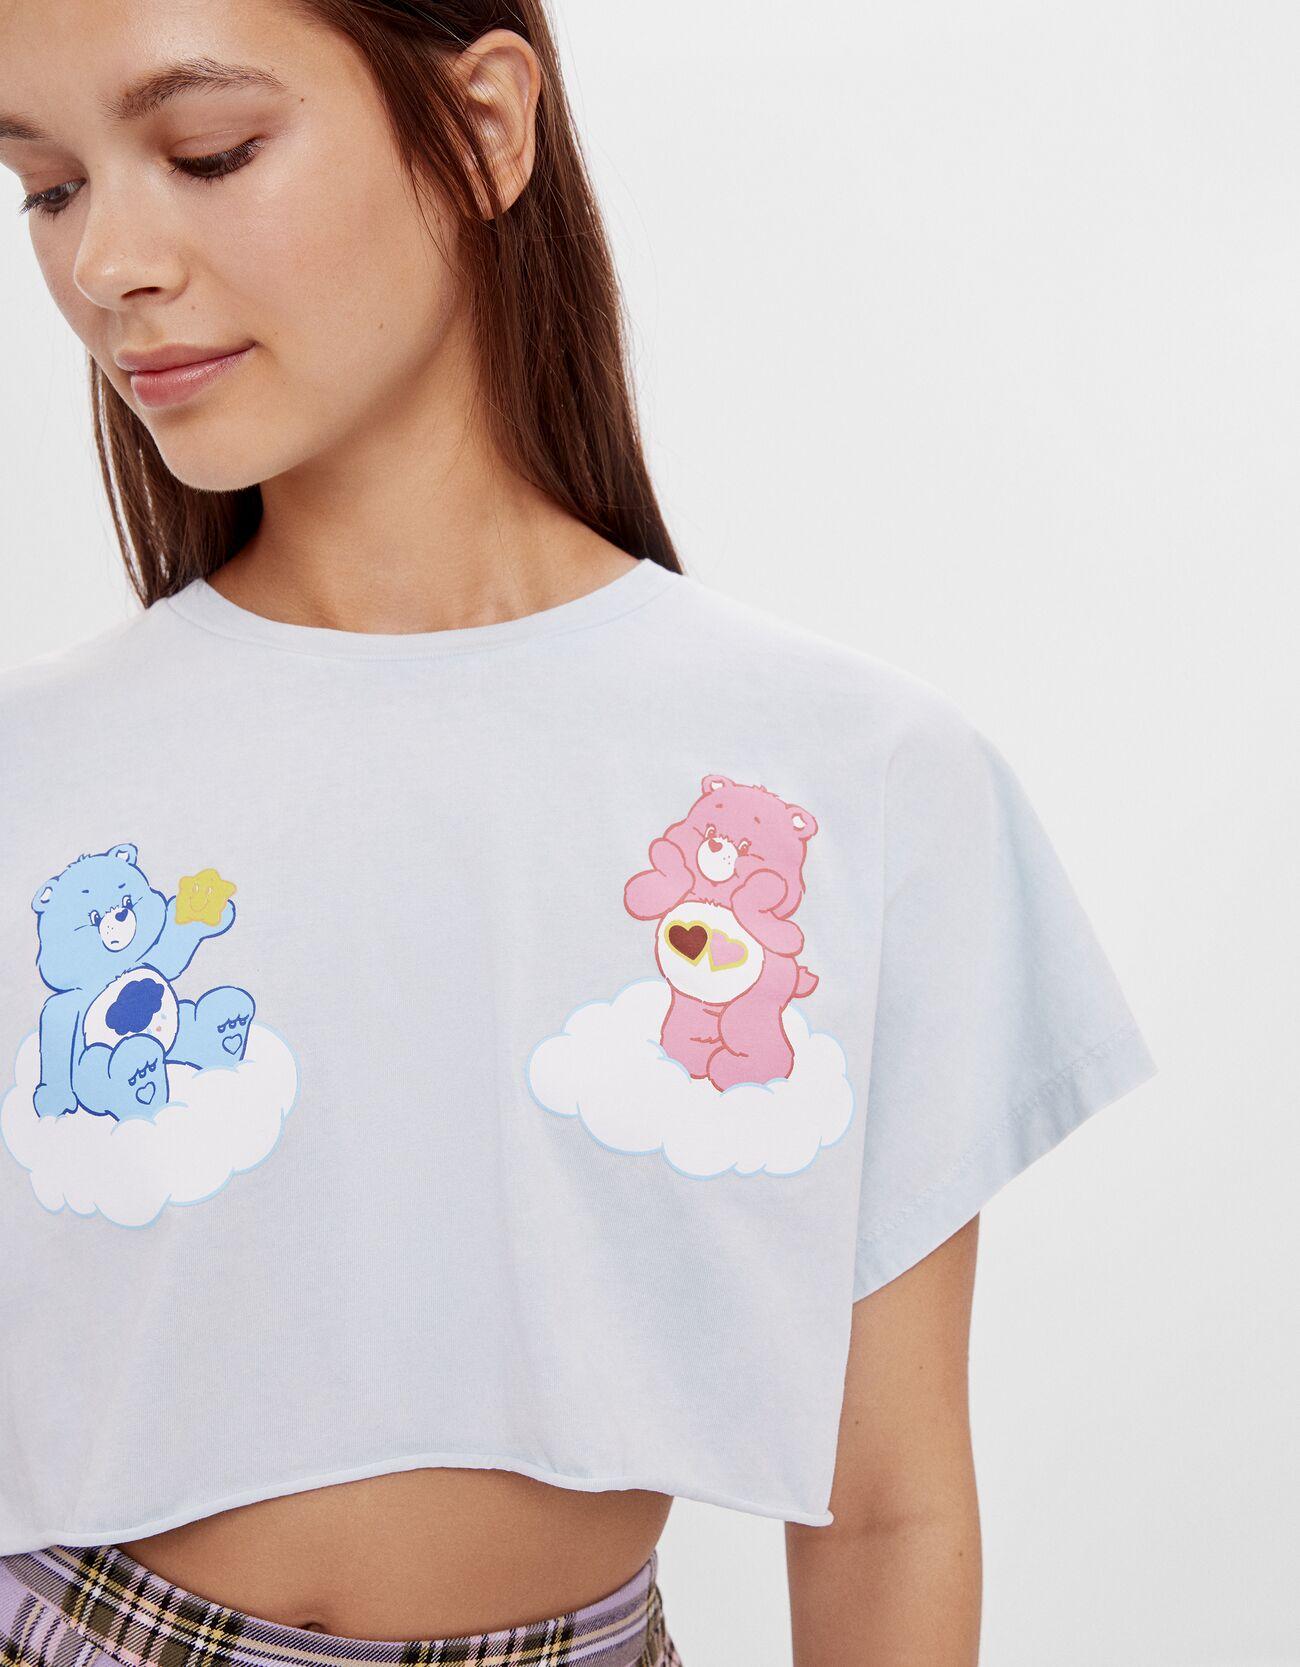 Camiseta cropped en azul cielo.